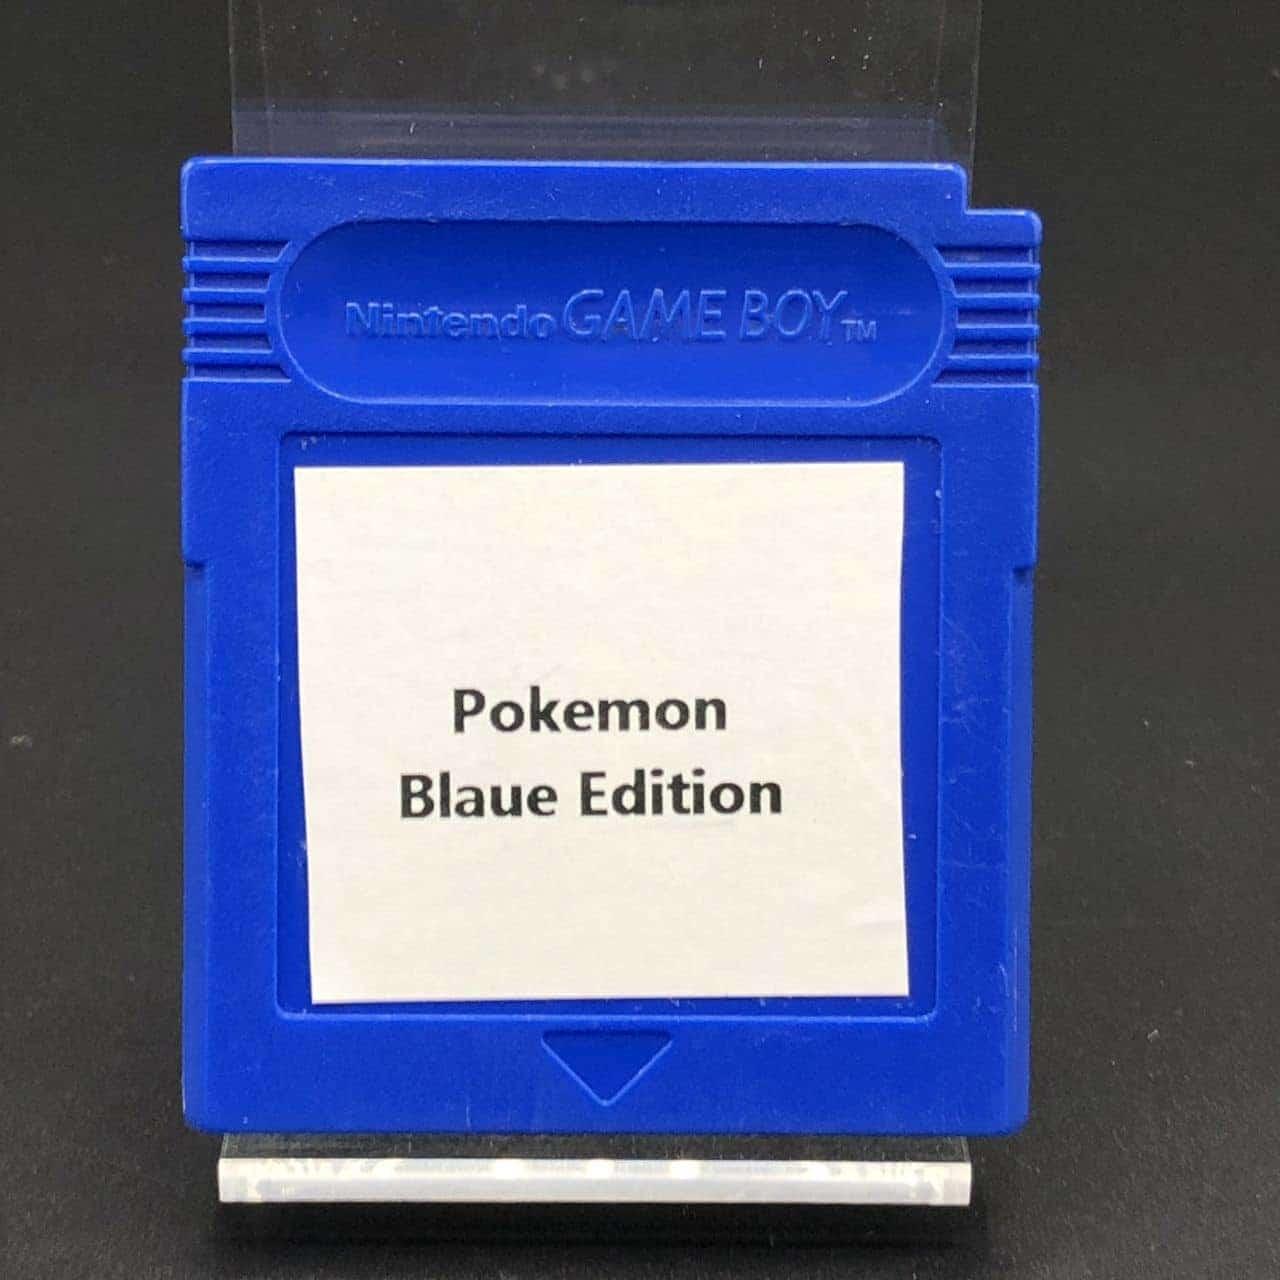 GB Pokemon Blaue Version (Modul) (Gebrauchsspuren) Nintendo Game Boy